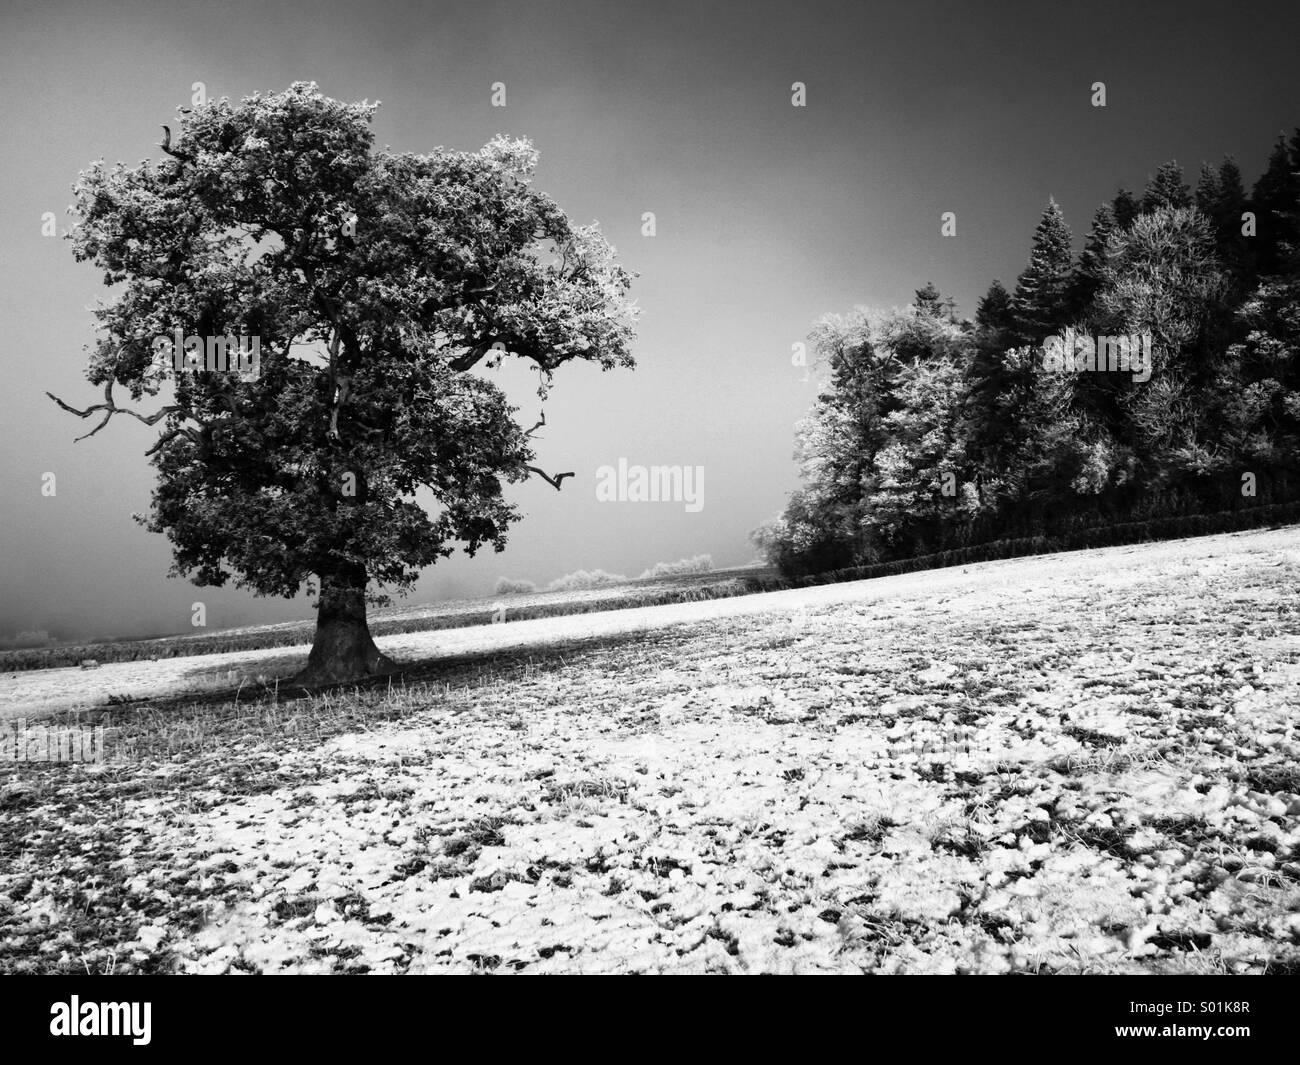 Oak tree in a Winter mist - Stock Image